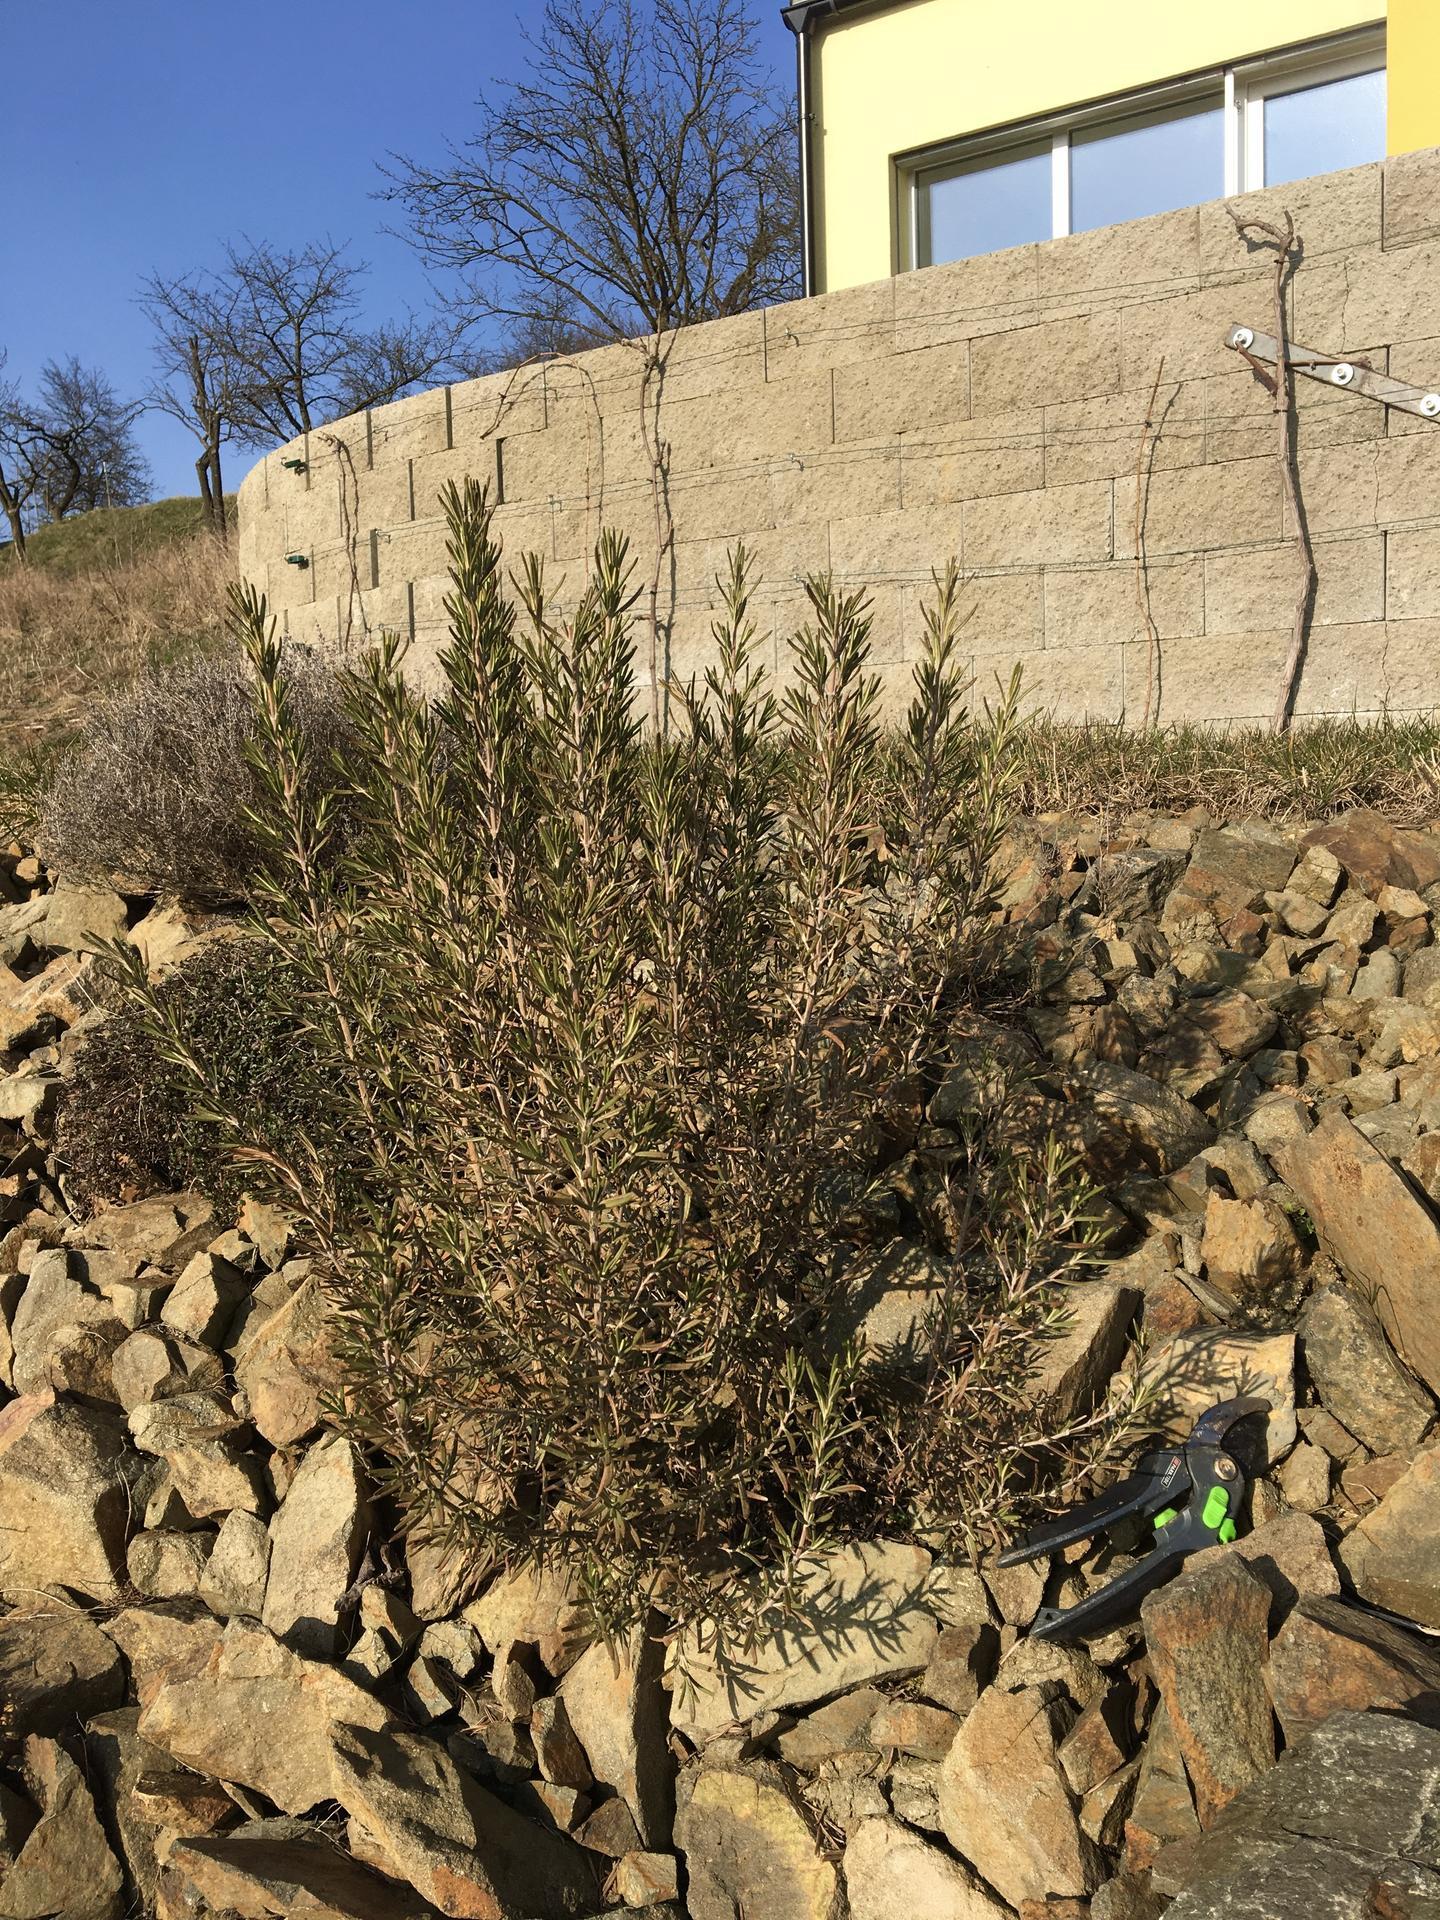 Skřítčí zahrada 2021 - Březen 2021 - rozmarýny zimu opět přežily